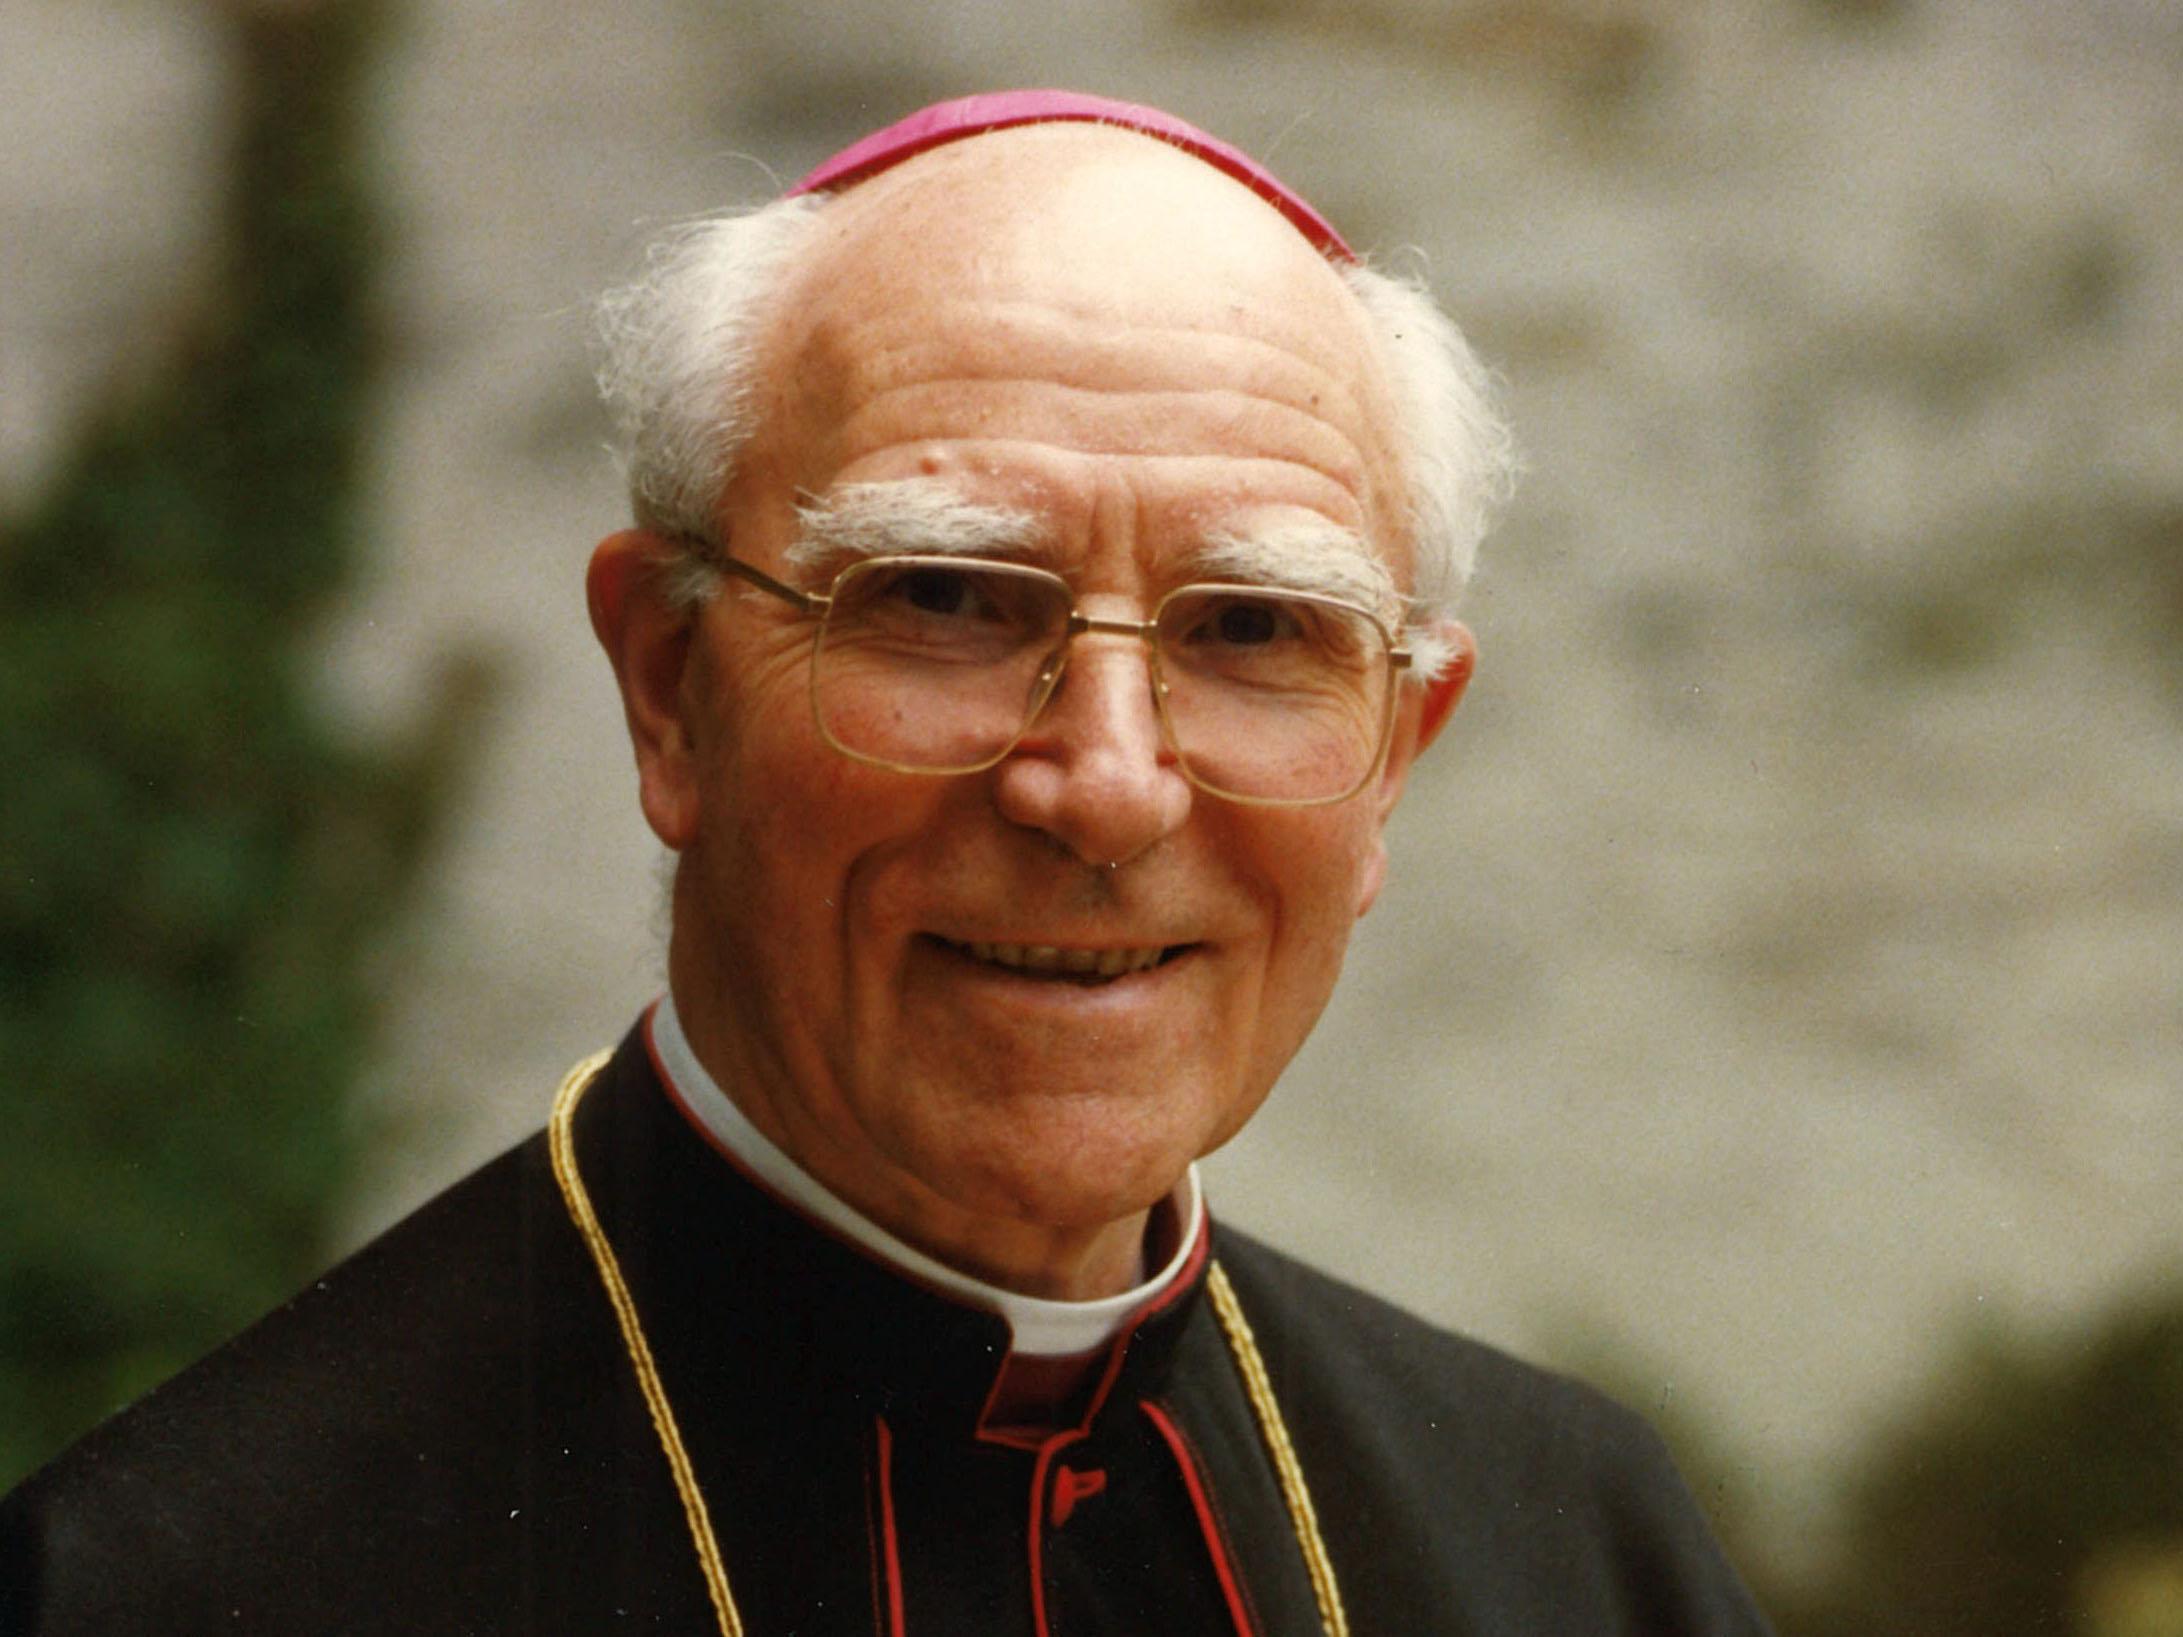 Am 12. September vor 25 Jahren verstarb der langjährige Bischof von Augsburg, Dr. Josef Stimpfle. (Foto: Helmut Hien)